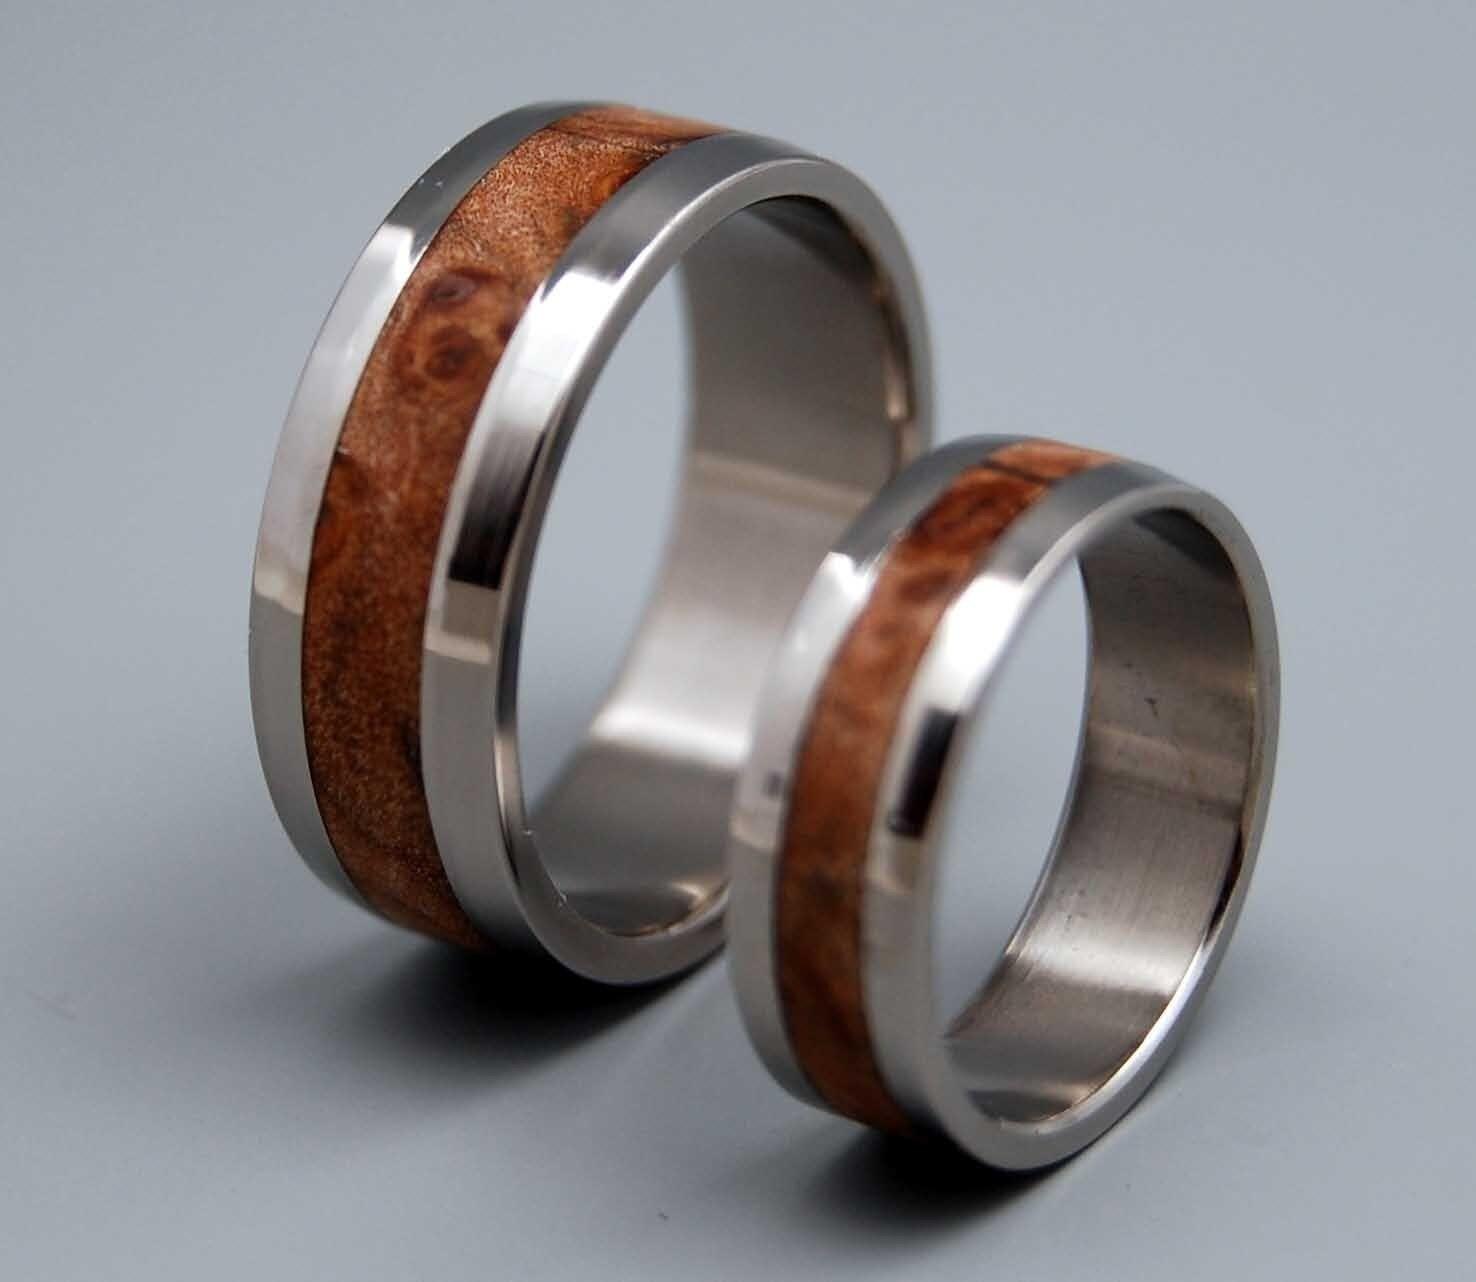 montpelier wooden wedding rings by minterandrichterdes on etsy